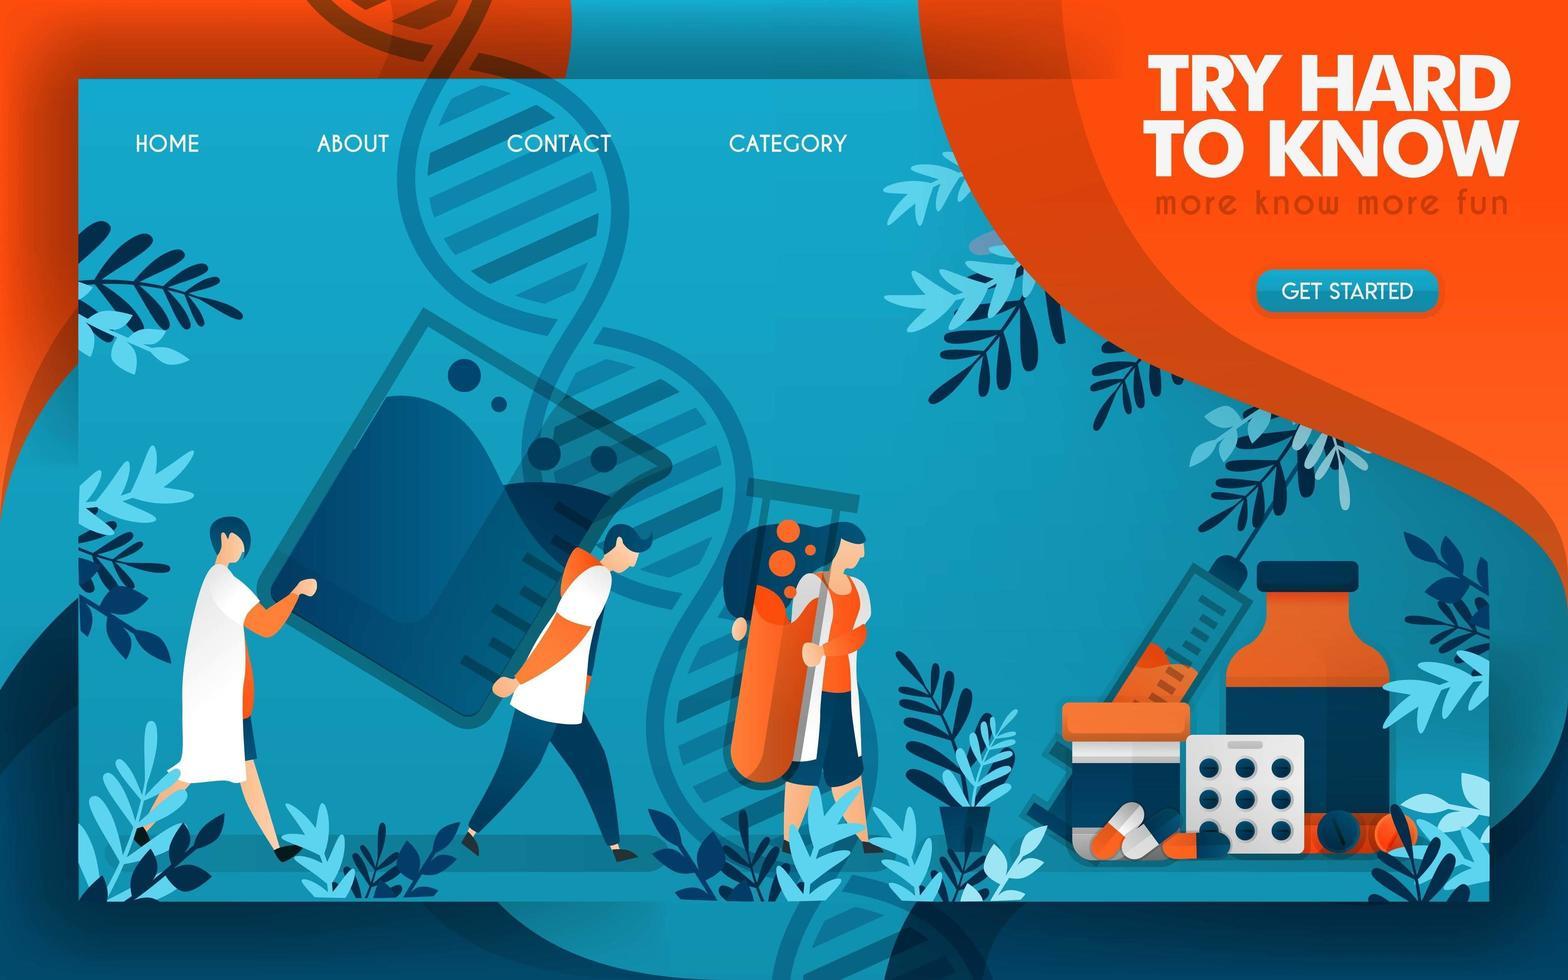 los médicos trabajan duro para conocer la ciencia de la buena medicina. ilustración vectorial de dibujos animados plana vector